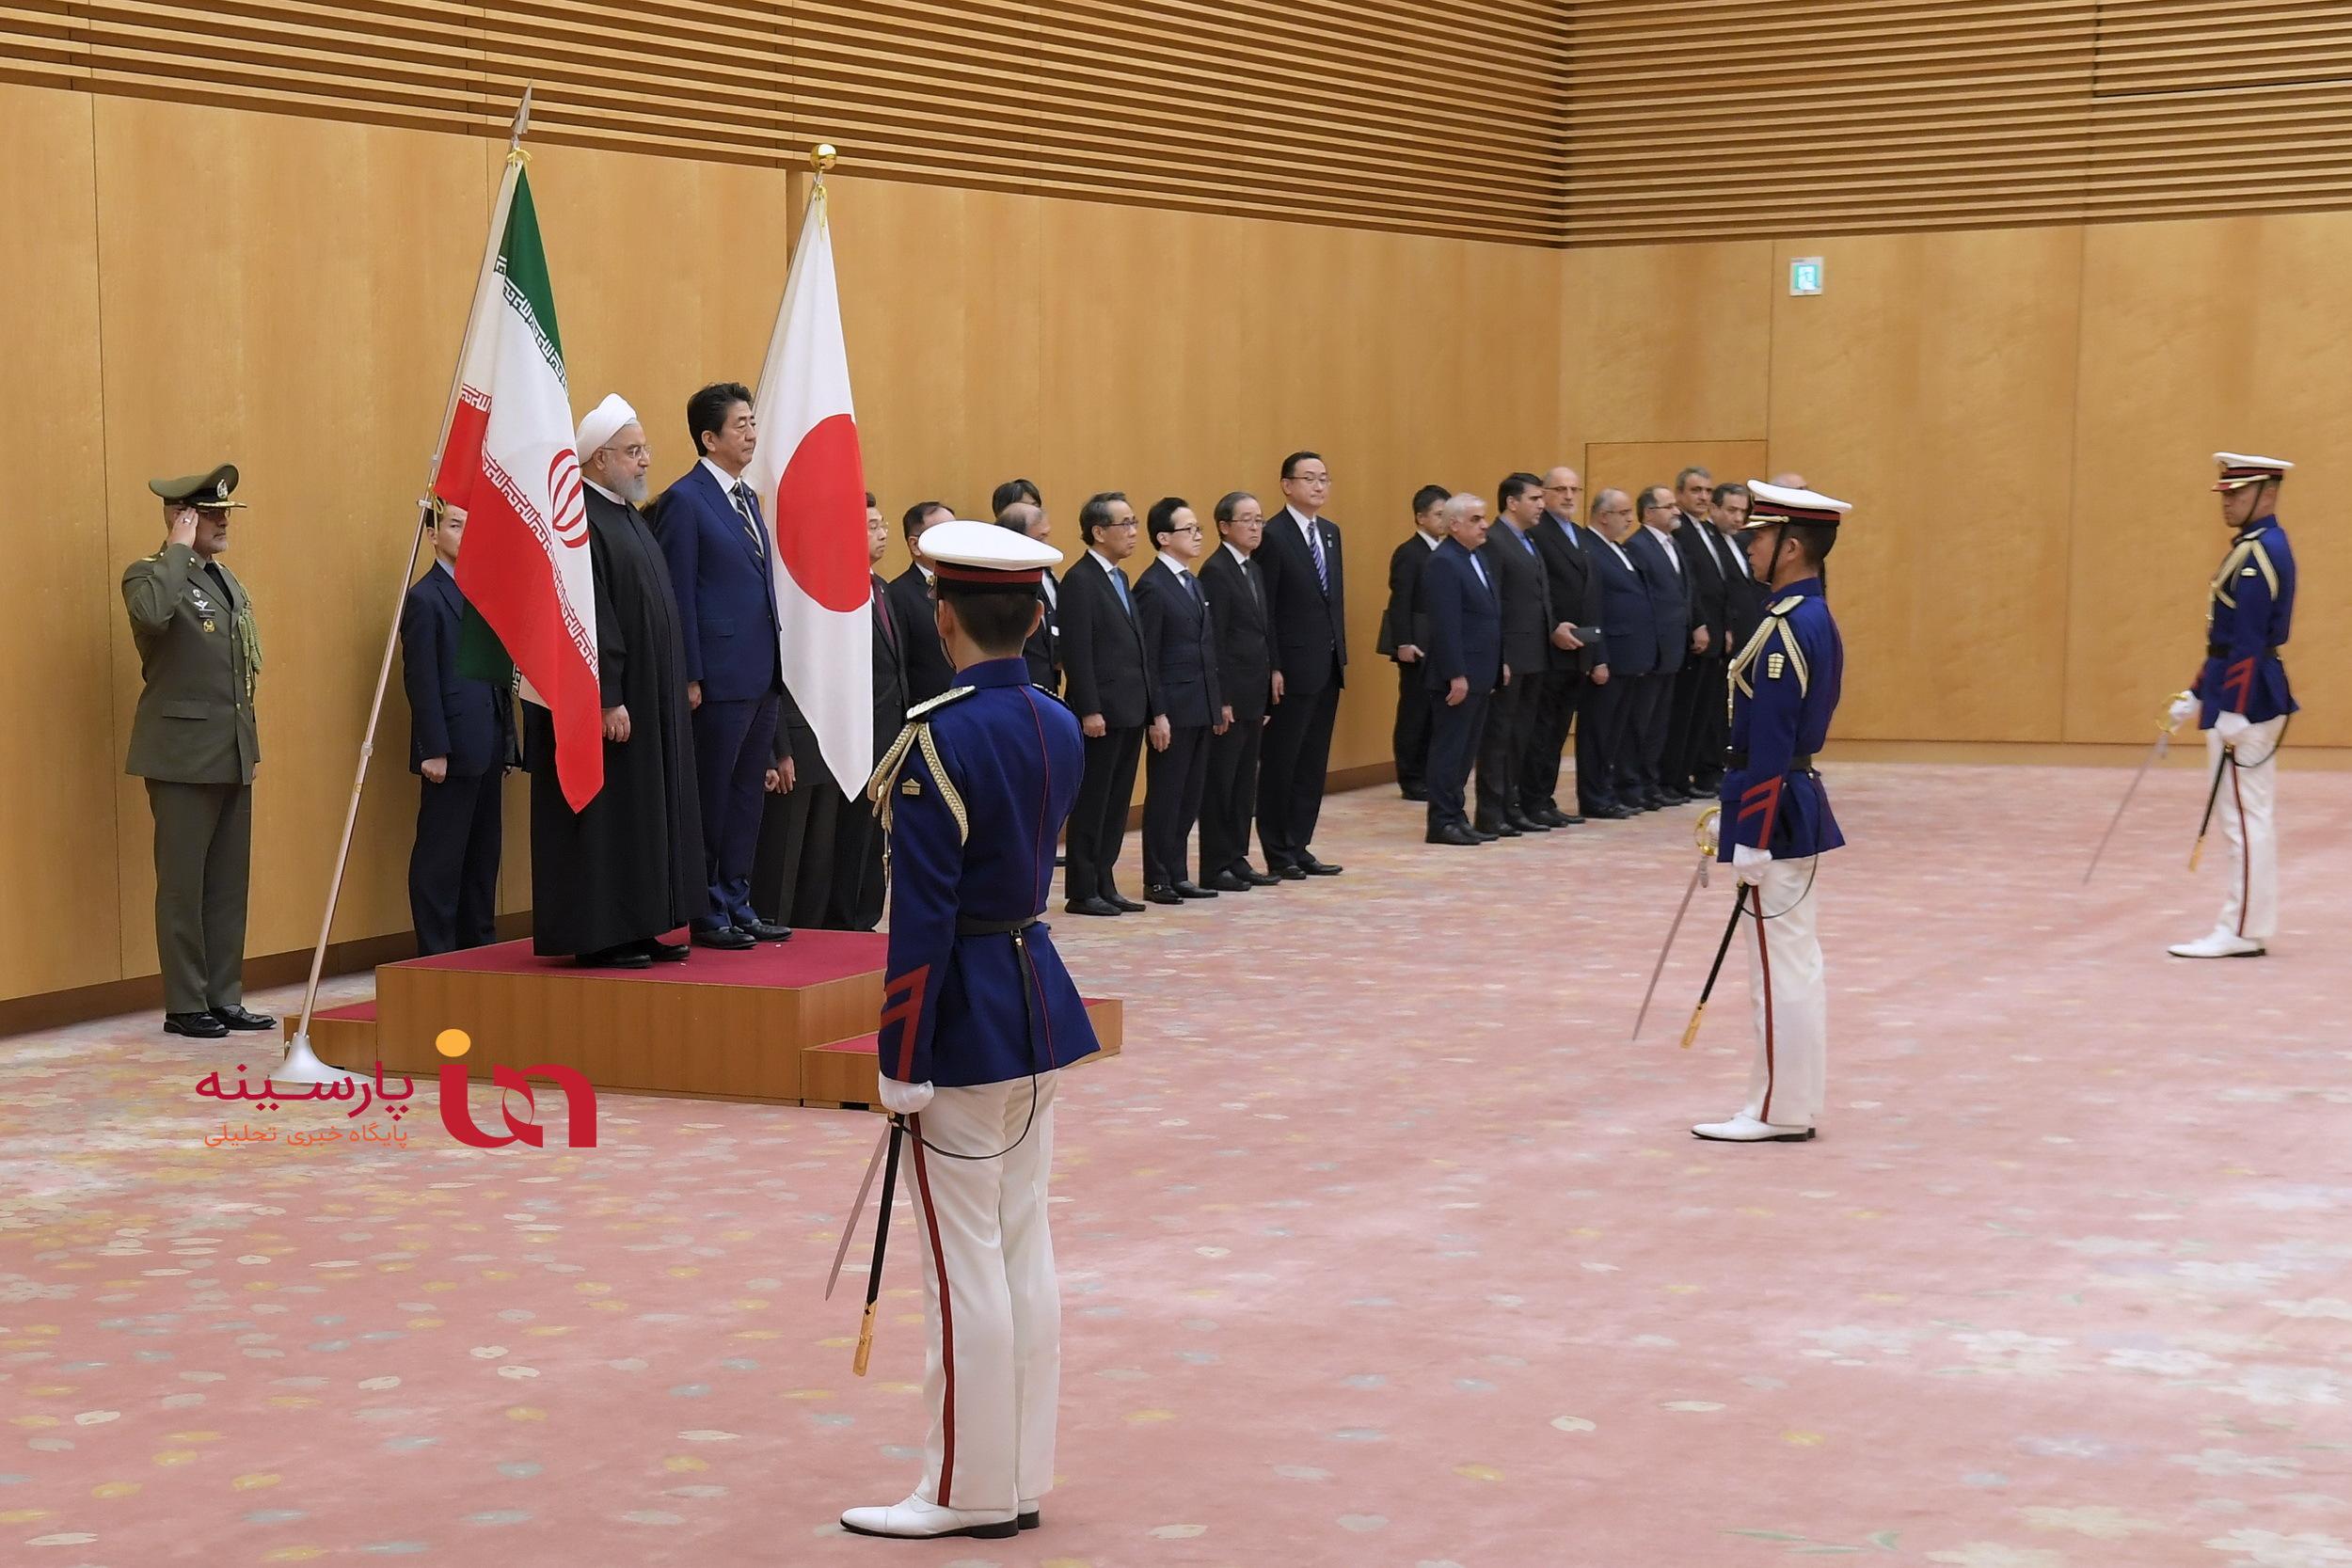 تفاوت استقبال رسمی «آبه» از ترامپ با روحانی!+عکس